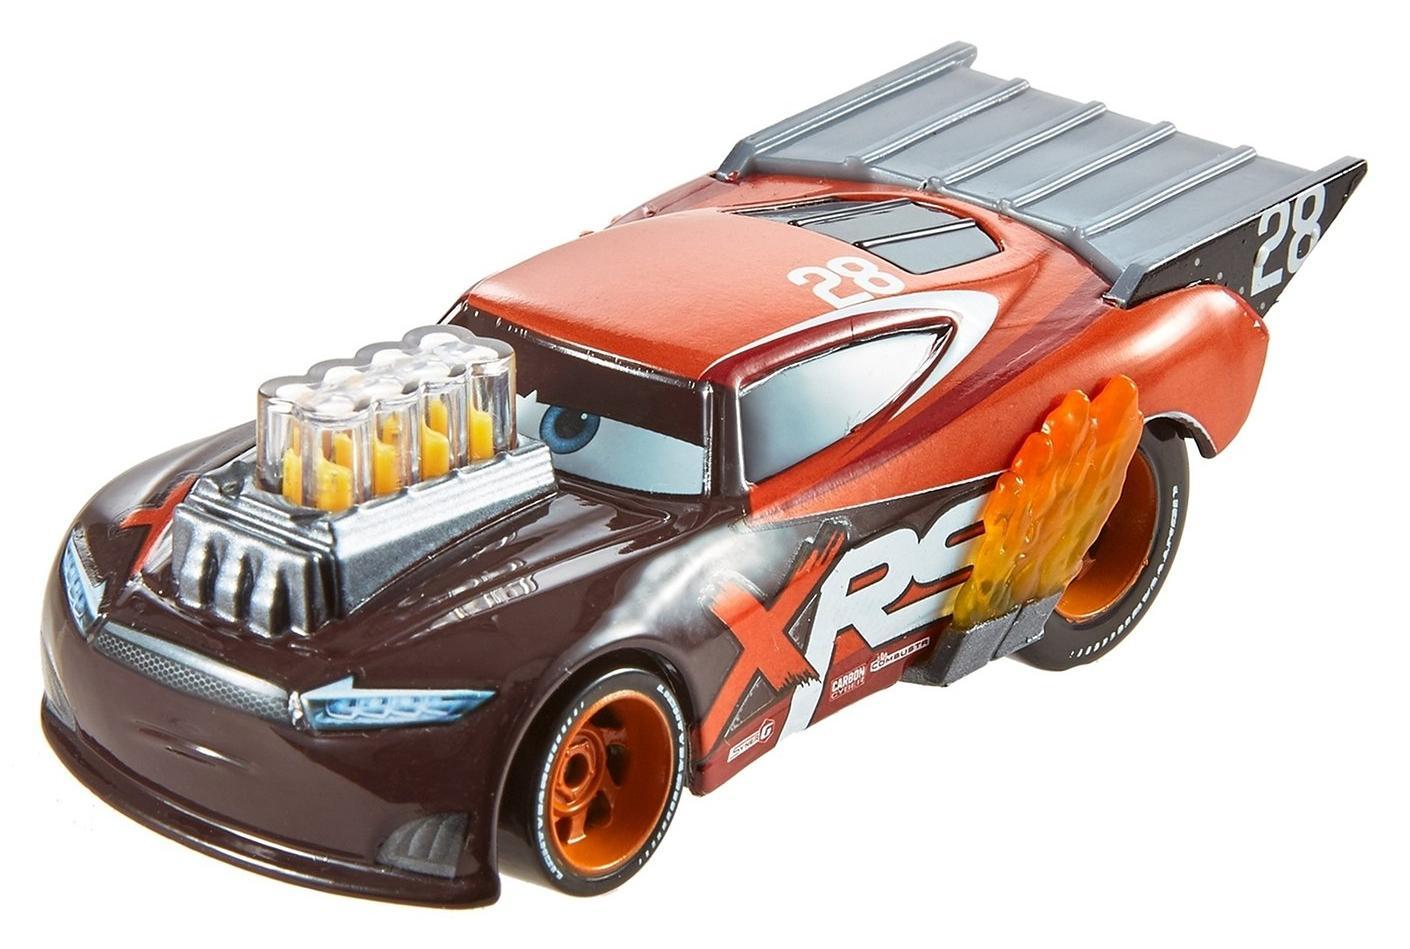 Купить Cars Экстримальные тачки Nitroade - машинка из мультфильма, Китай